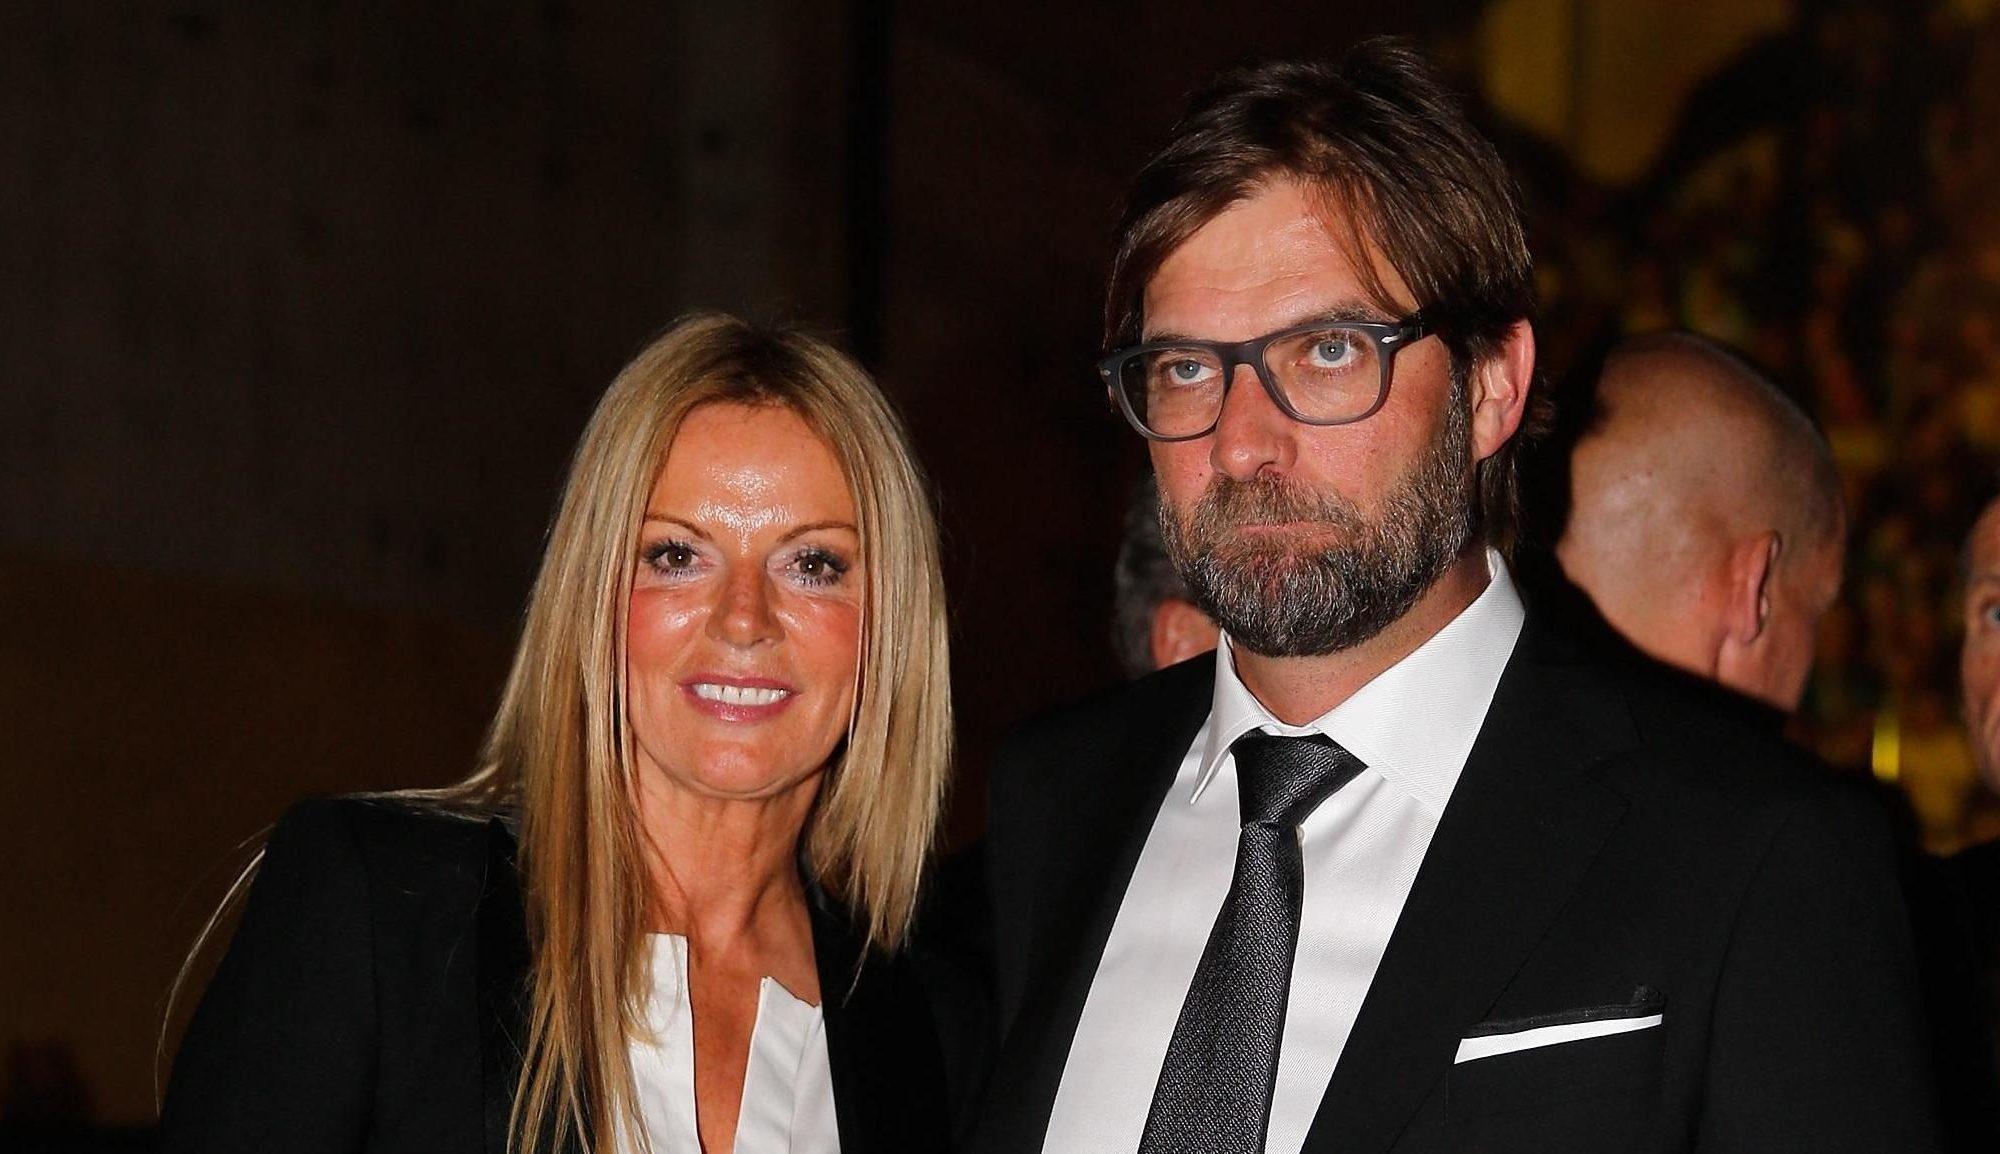 Soția lui Jurgen Klopp nu l-a lăsat să semneze cu Manchester United. Sursă foto: goal.com